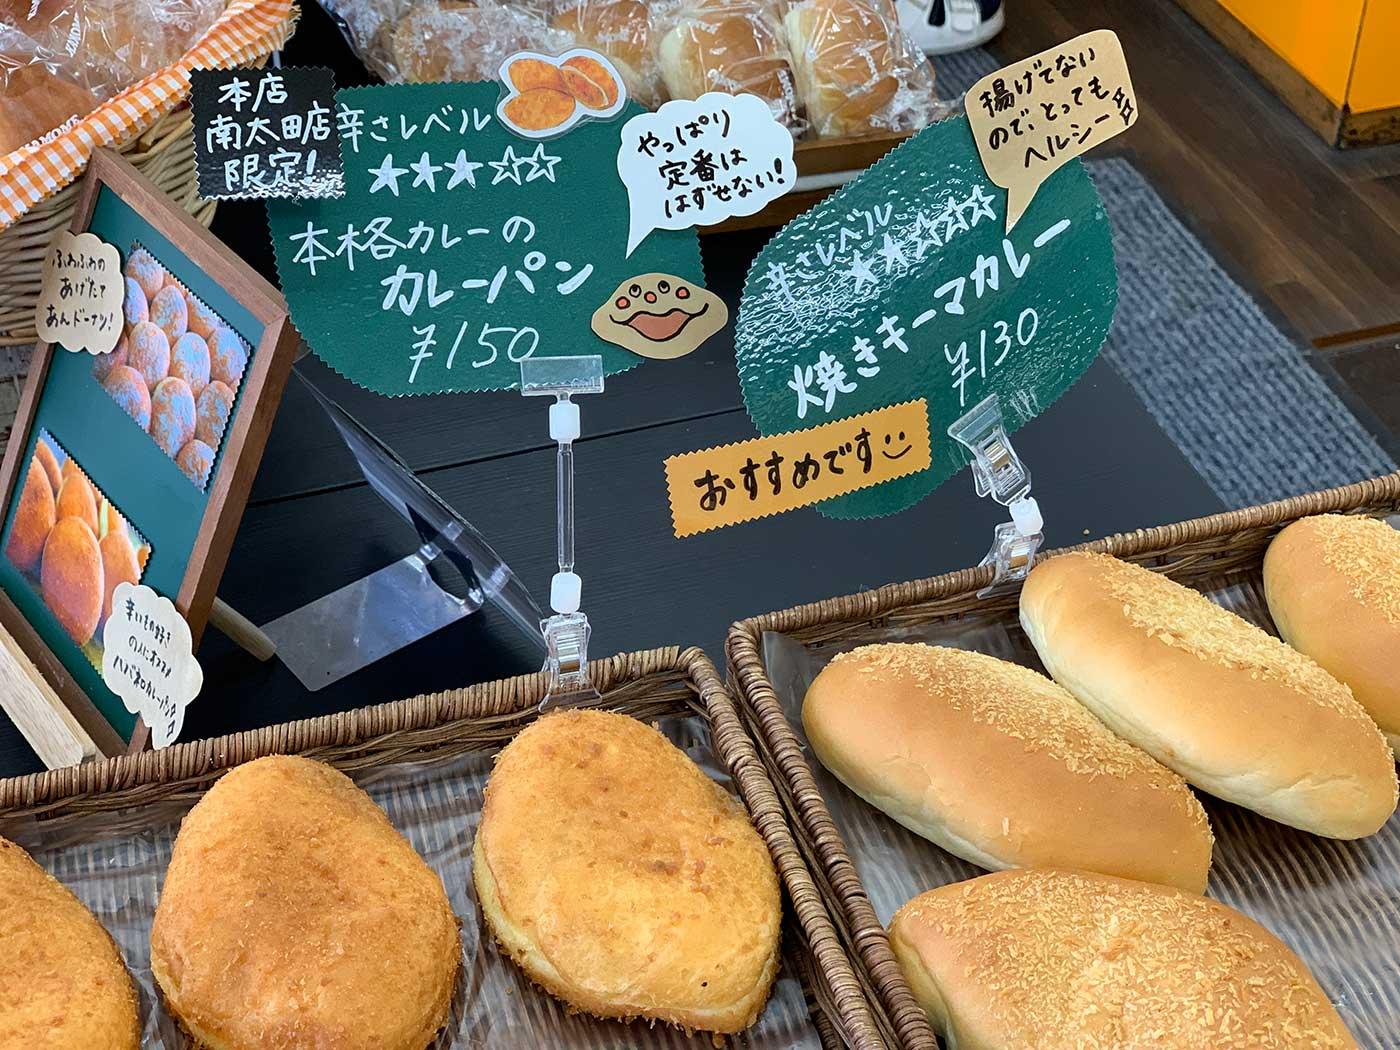 かもめパンのパン